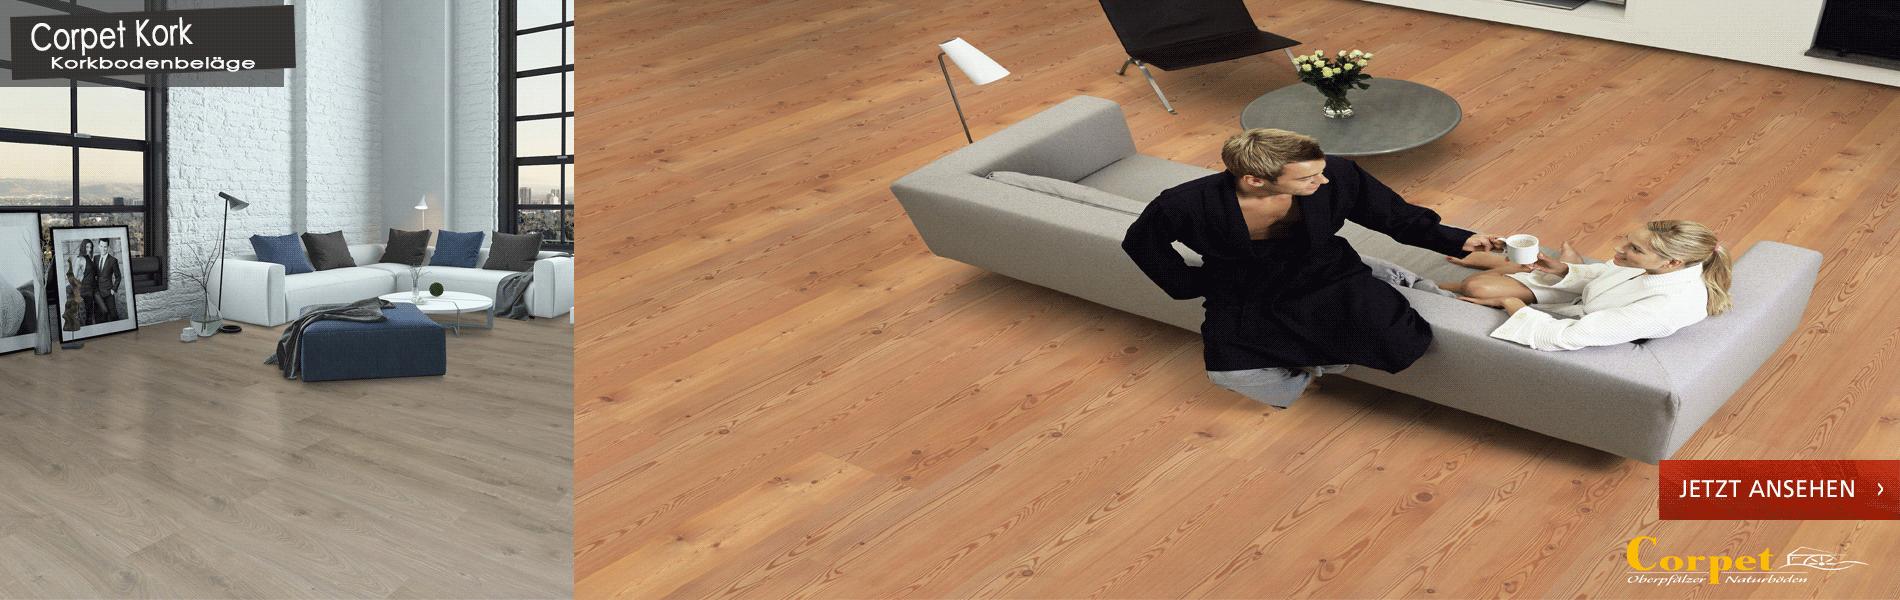 Fußbodenbeläge nach Maß online kaufen im Fußboden Shop Linoleum-Desig